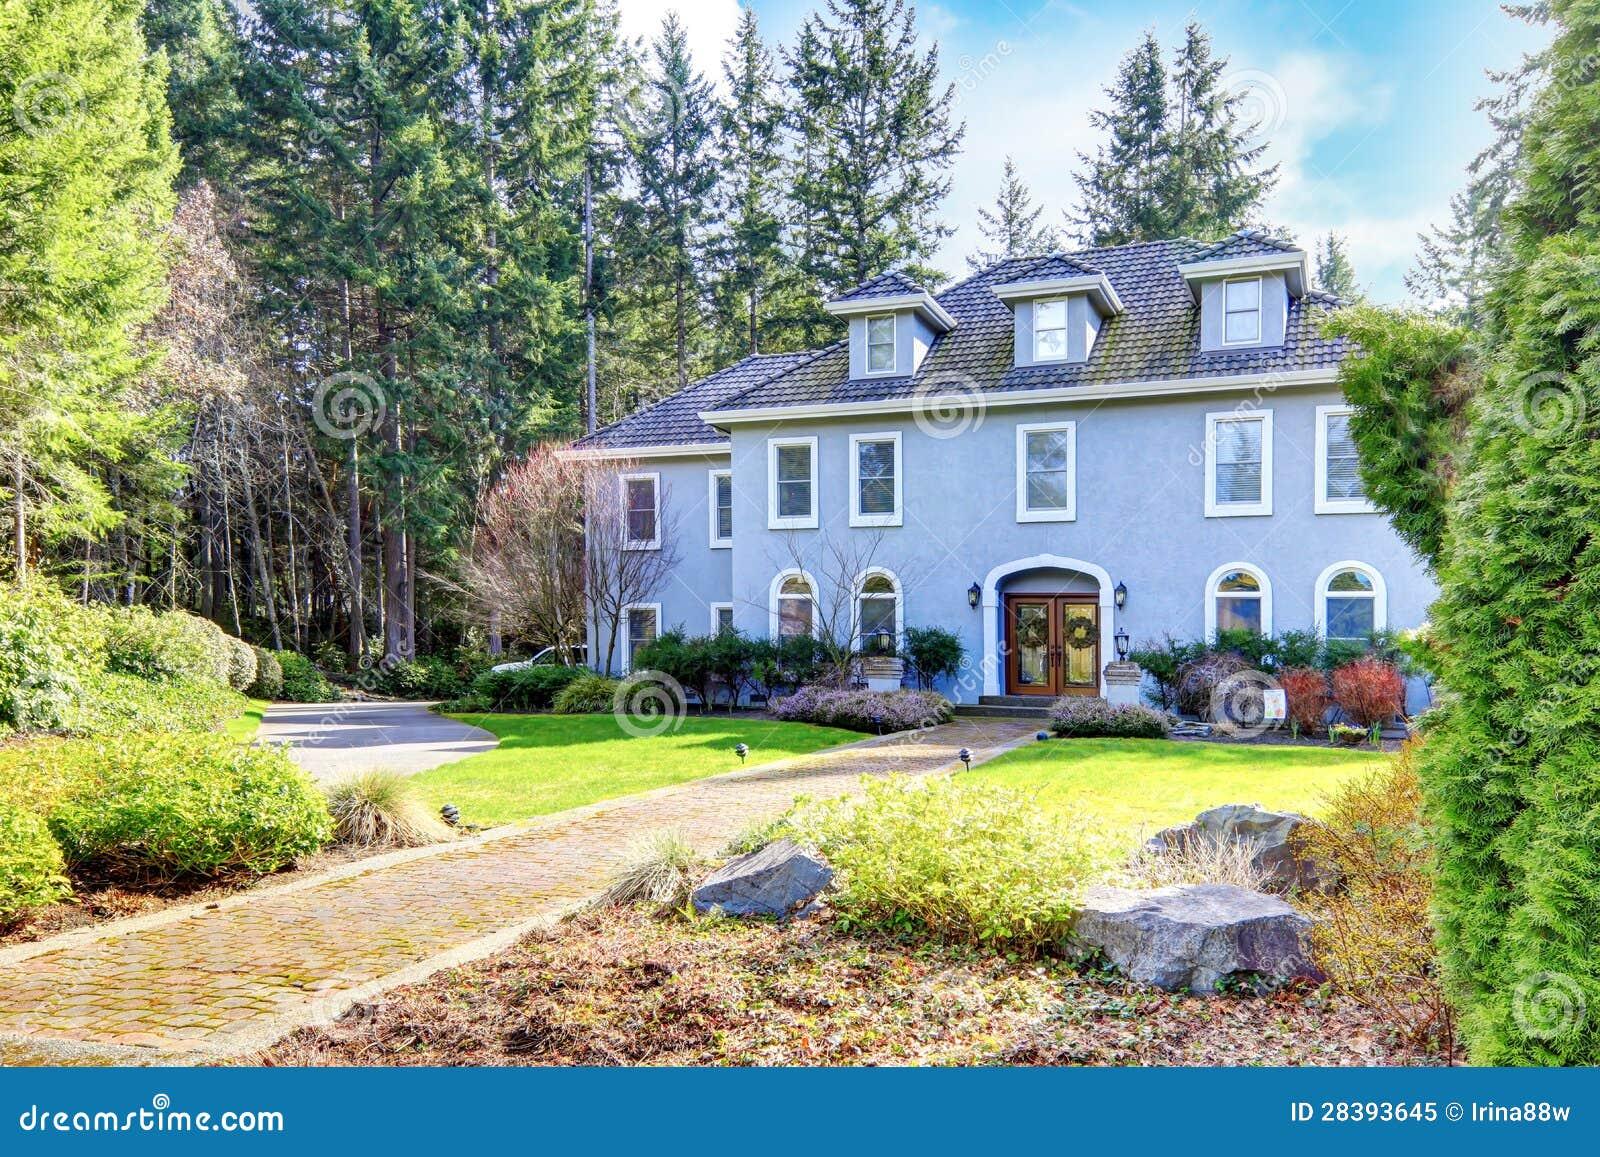 Huis buiten van groot grijs klassiek huis met pijnboombomen royalty vrije stock foto - Huis van kind buiten ...